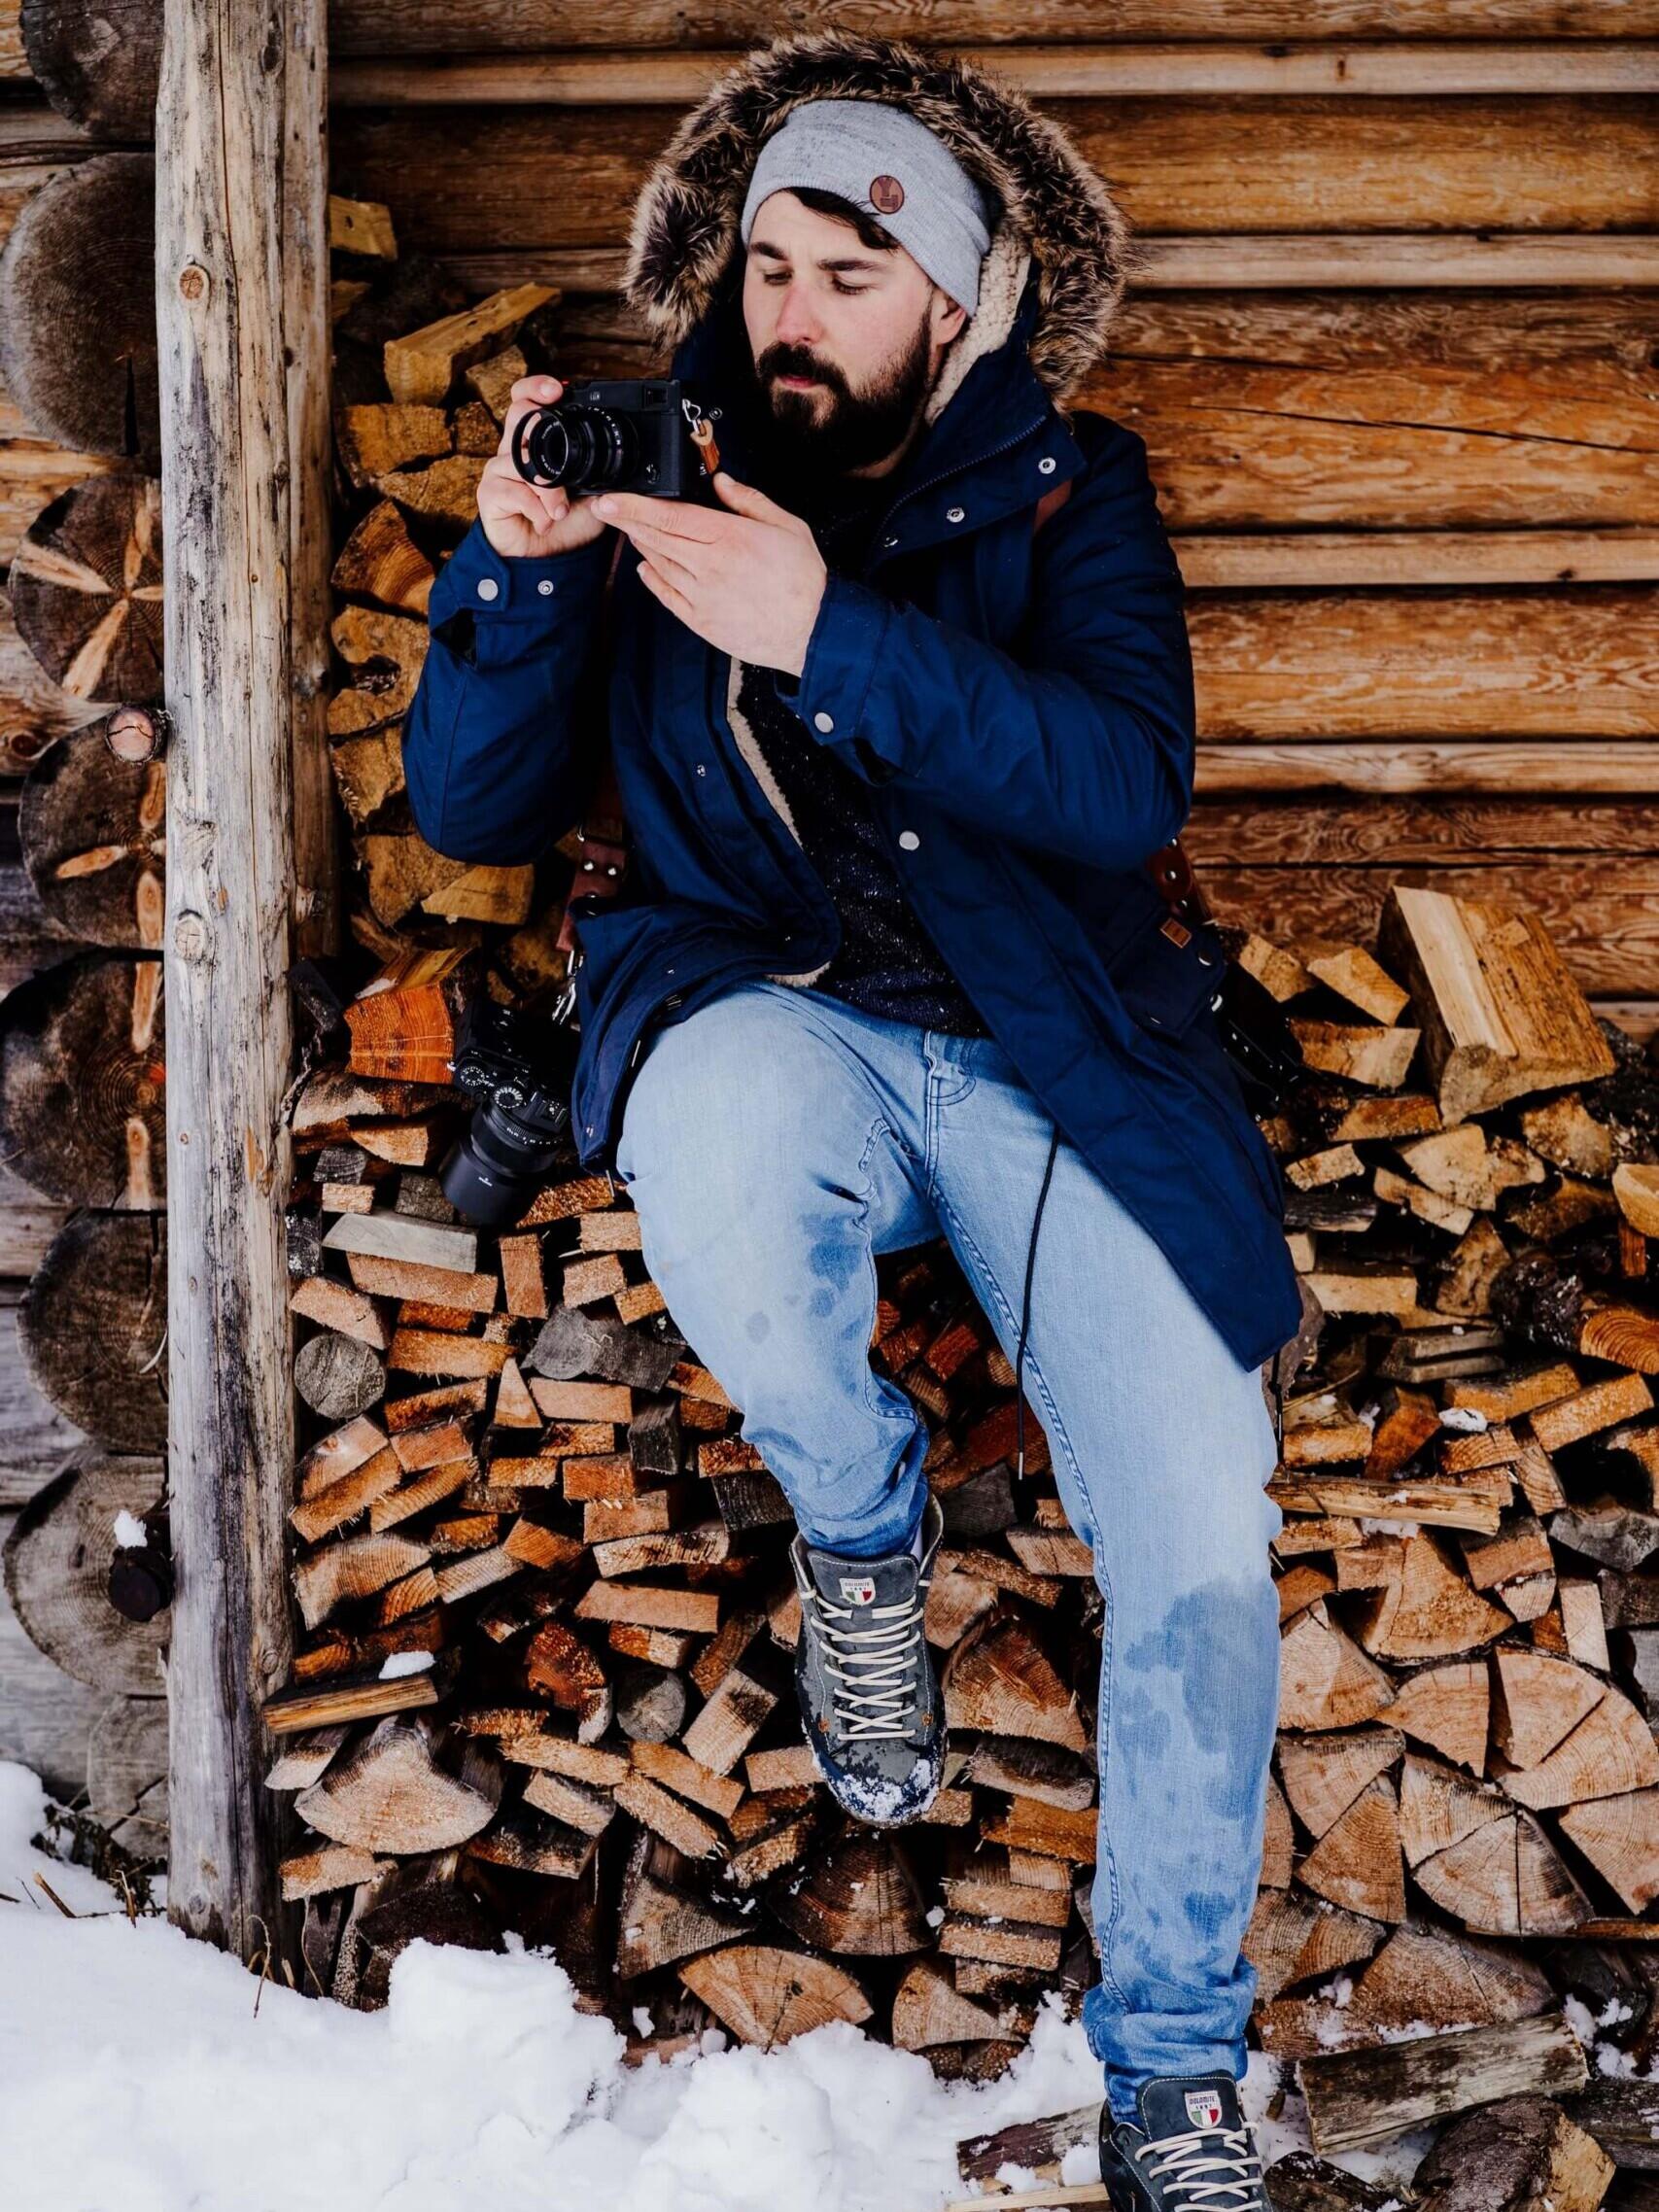 najlepszy fotograf zakopane 05 scaled uai